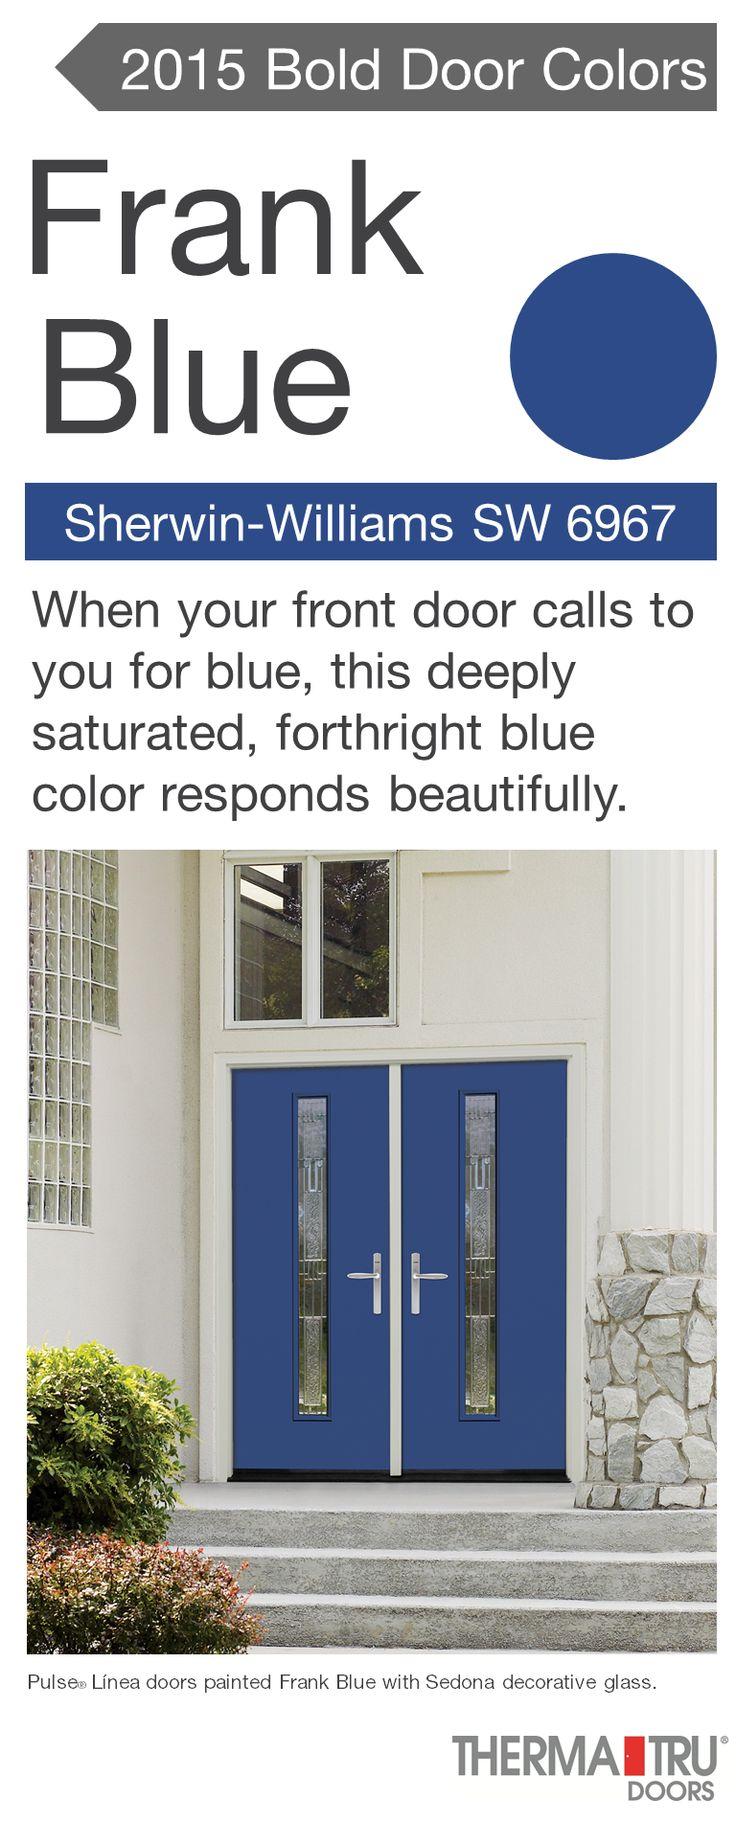 Pulse Linea fiberglass door painted Frank Blue   one of the hot door colors  for 201535 best 2016 Front Door Color Trends images on Pinterest   Front  . Front Door Color Trends 2014. Home Design Ideas